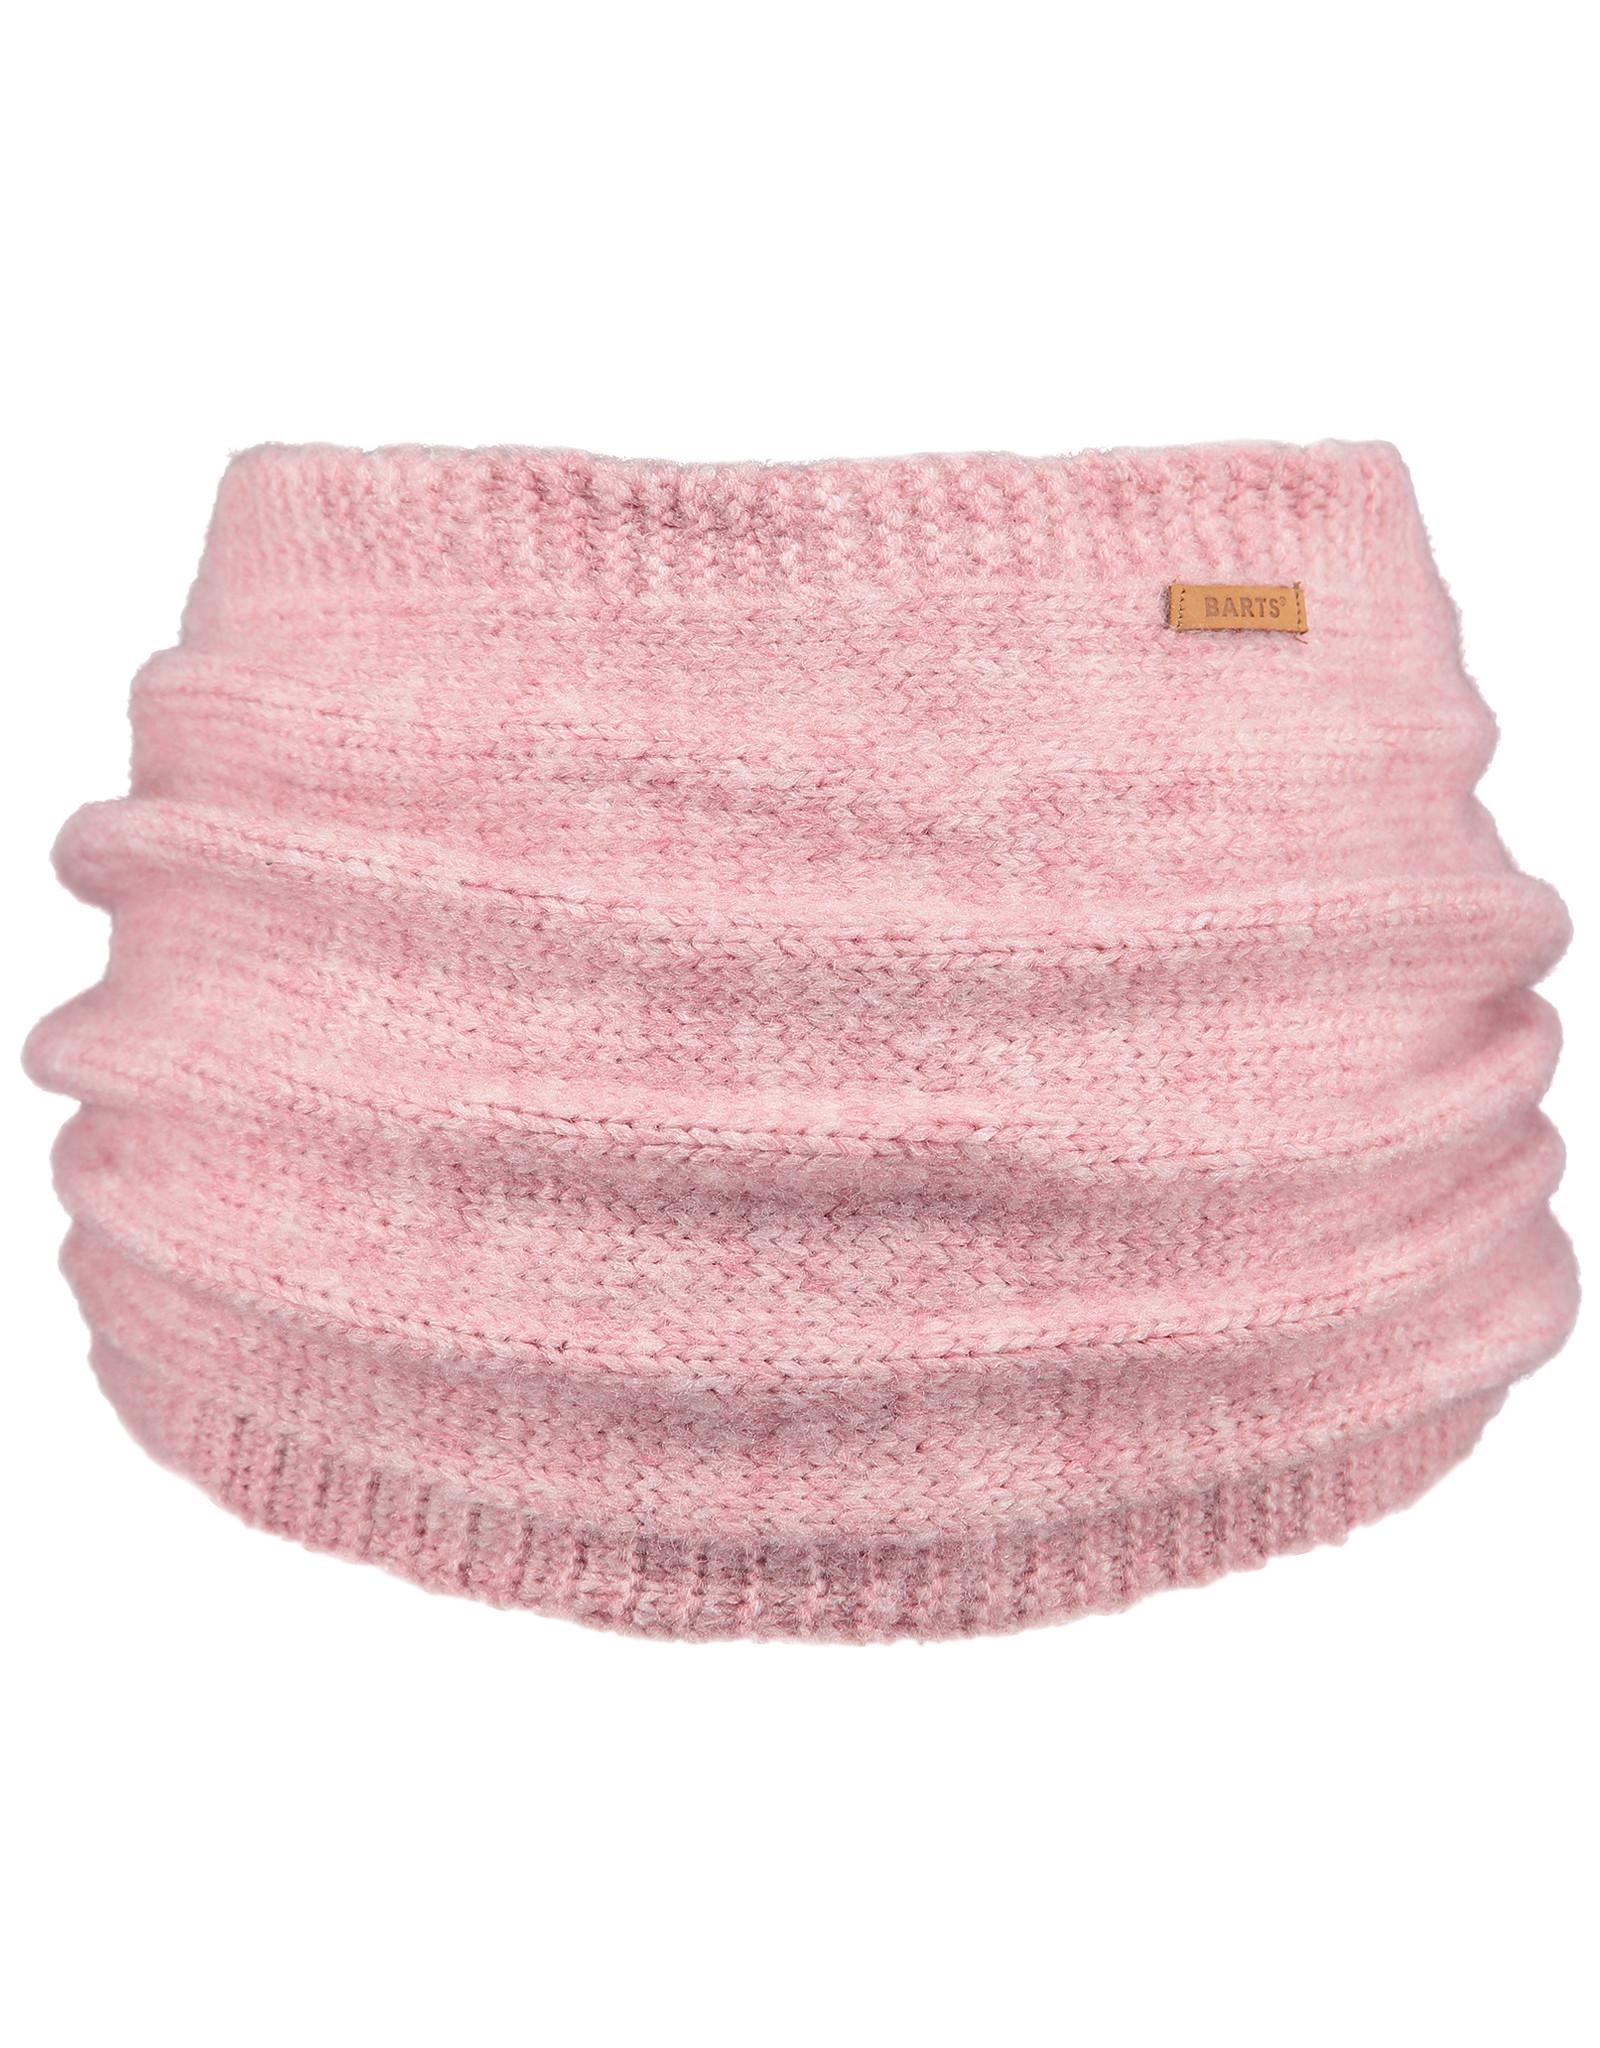 Barts Barts col sjaal roze met teddy voering